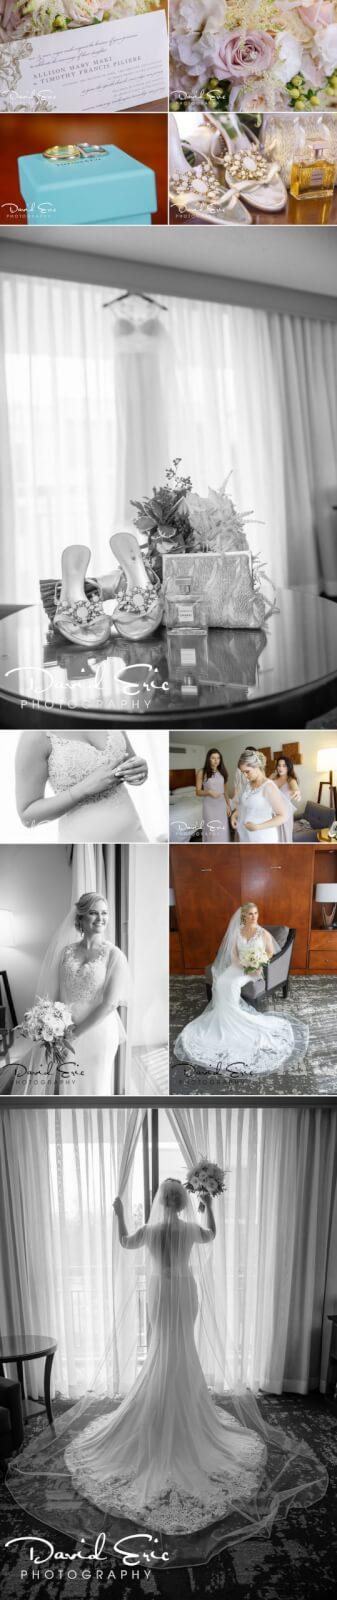 Wedding at Seasons Brides Prep